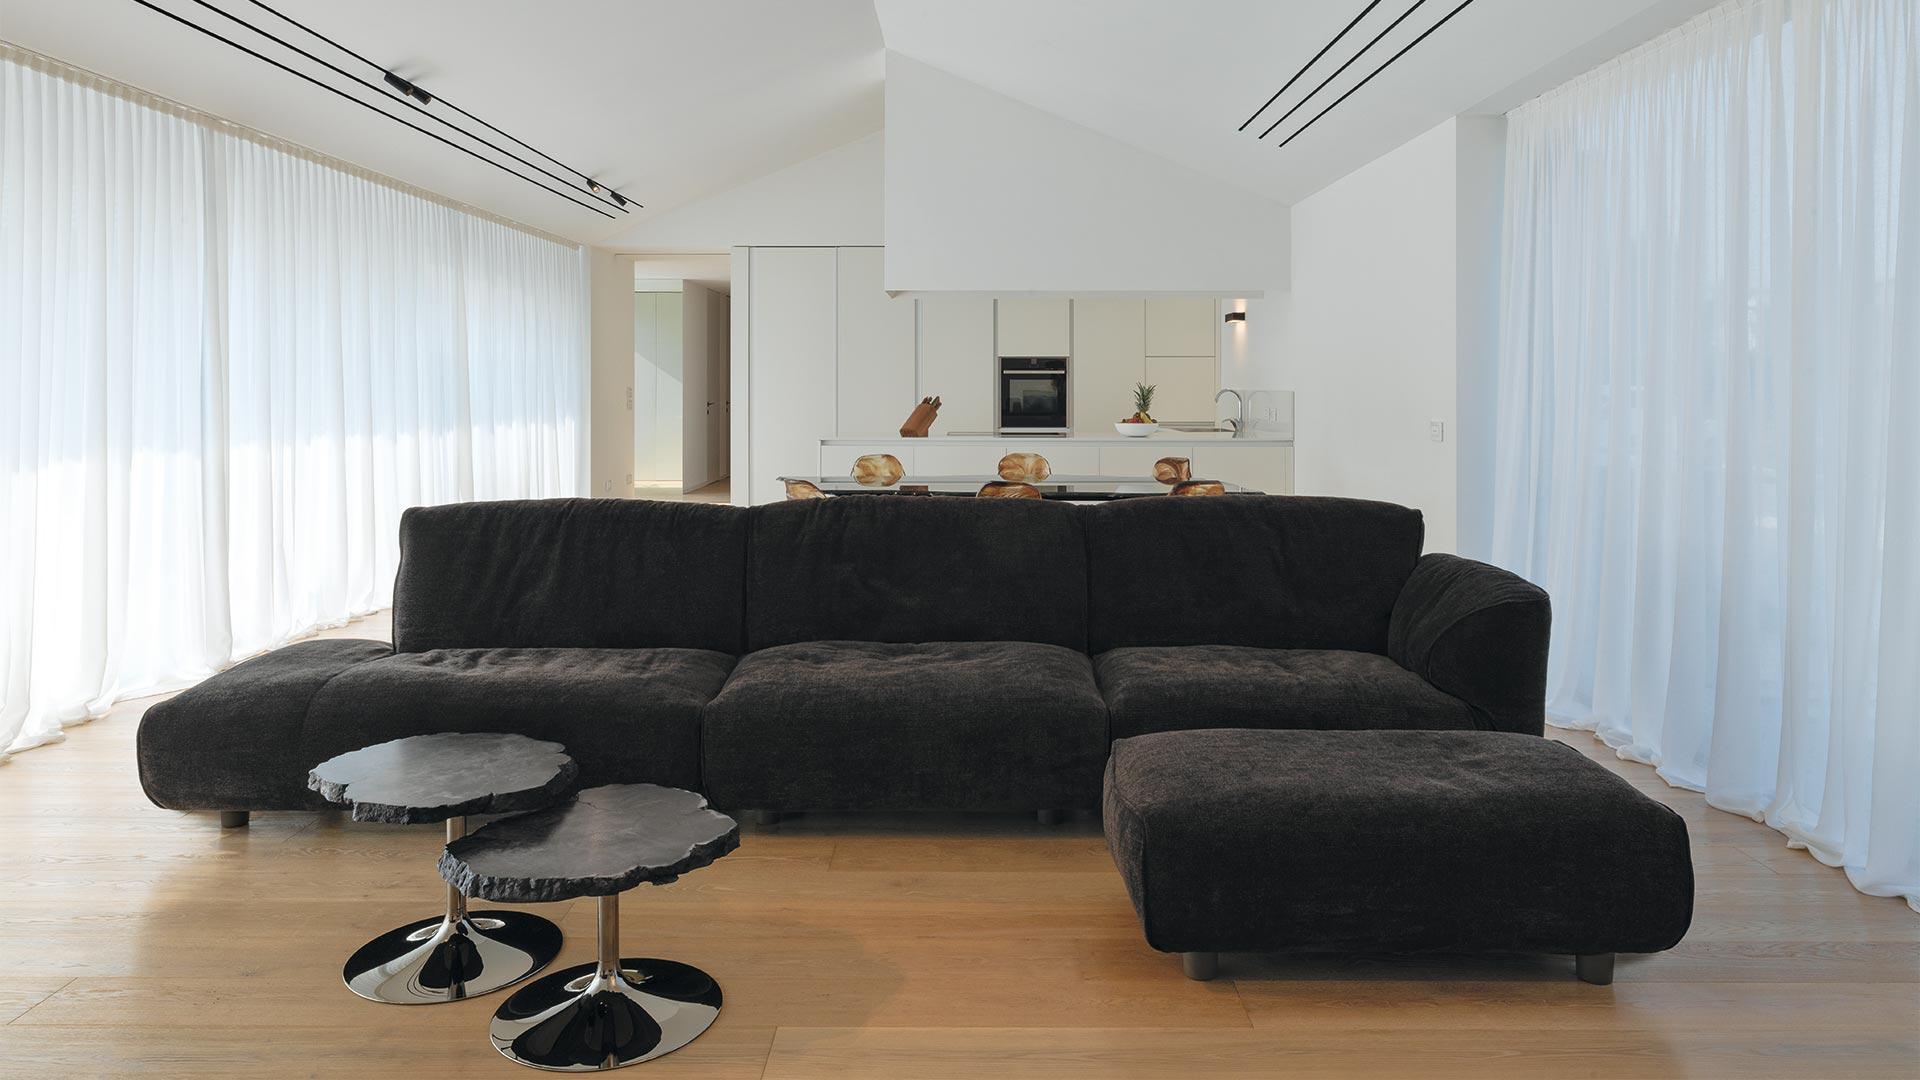 Edra Grande Soffice Sofa in Berlin bei steidten+